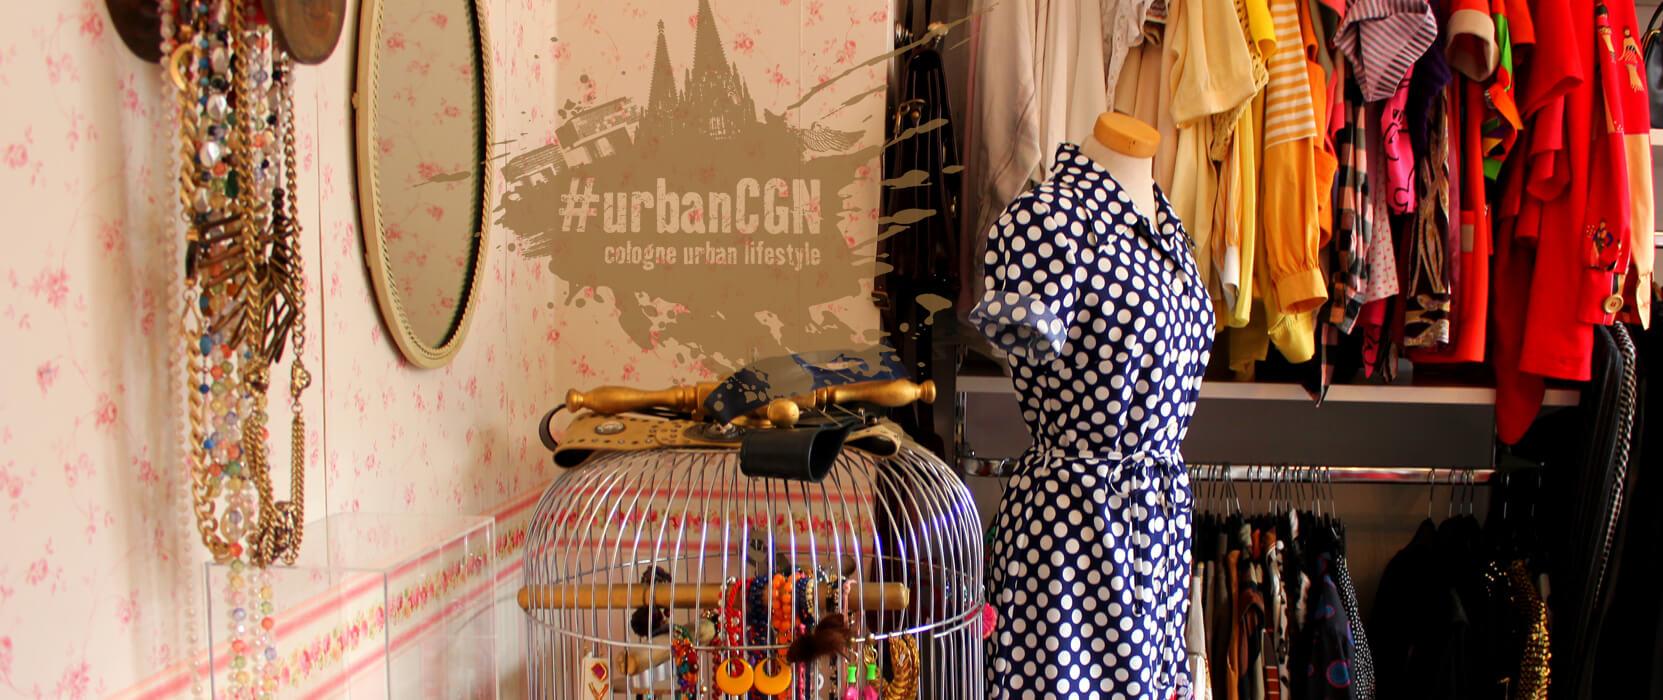 ad4fa60204a67 Meine liebsten Vintage-Shops in Köln - Meine Top 4